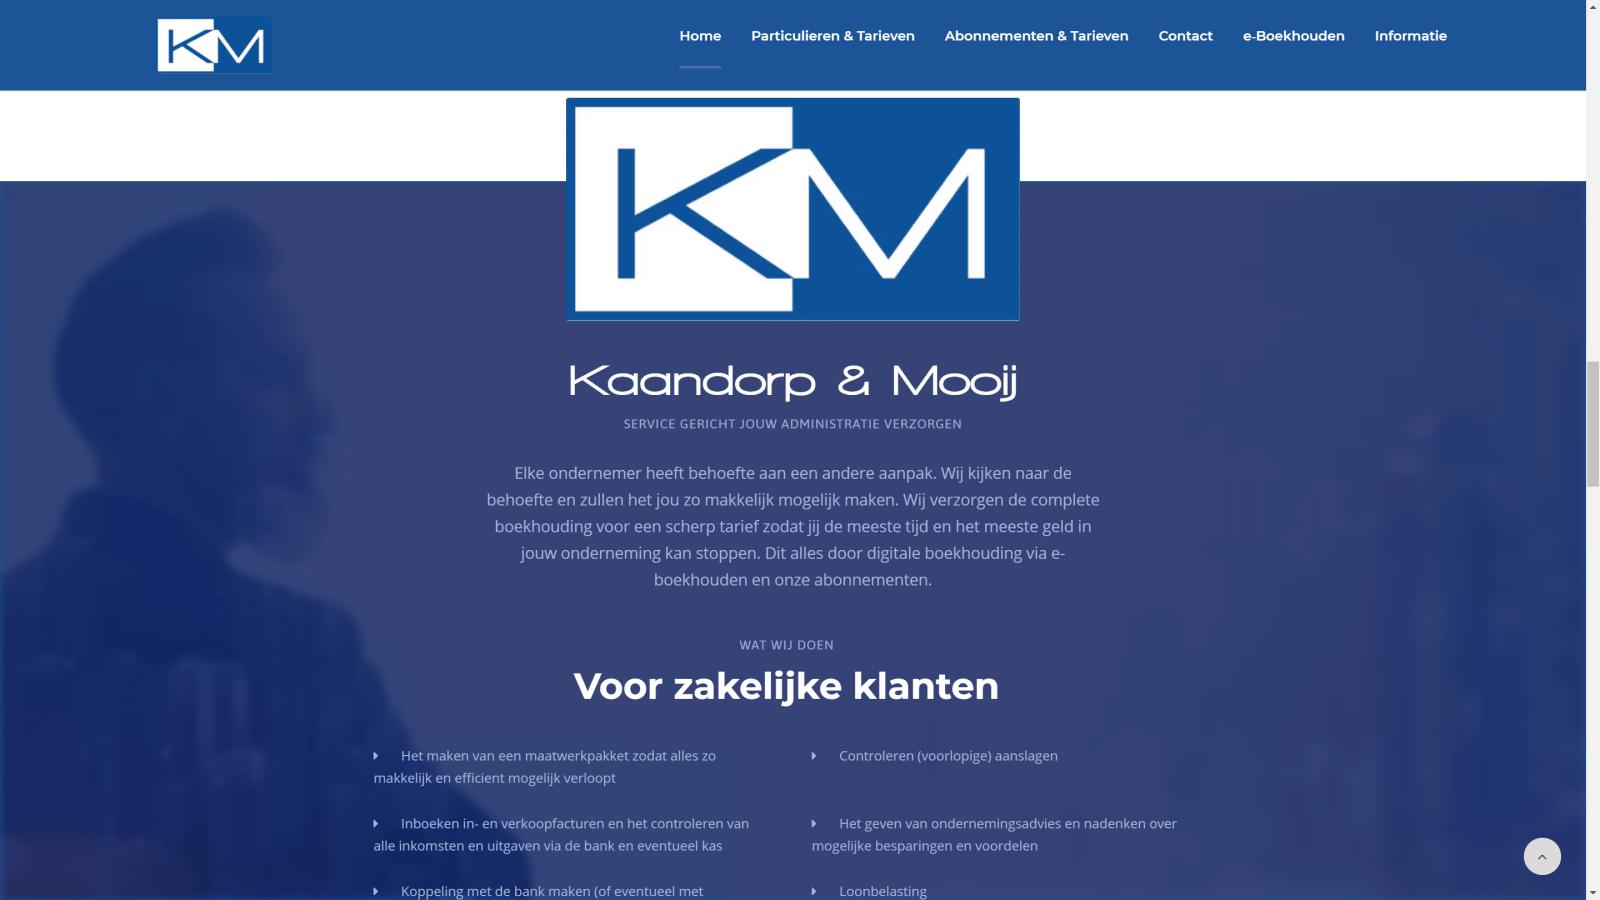 Kaandorp & Mooij - Wat wij doen